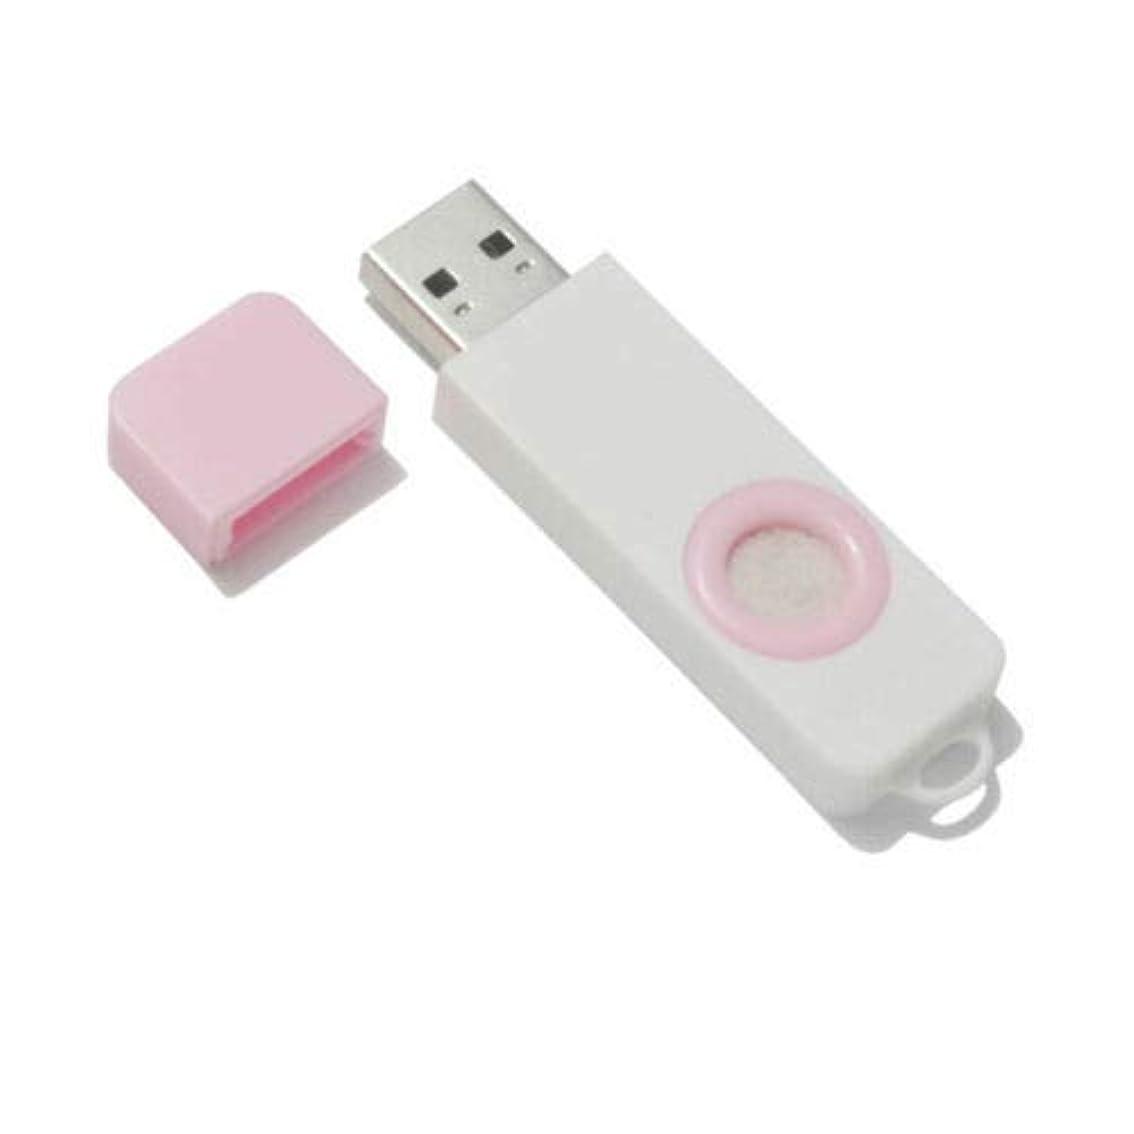 神経障害プレゼン配送FidgetGear Essential Oil Diffuser USB Port Air Freshener Office Home aromatherapy Pink